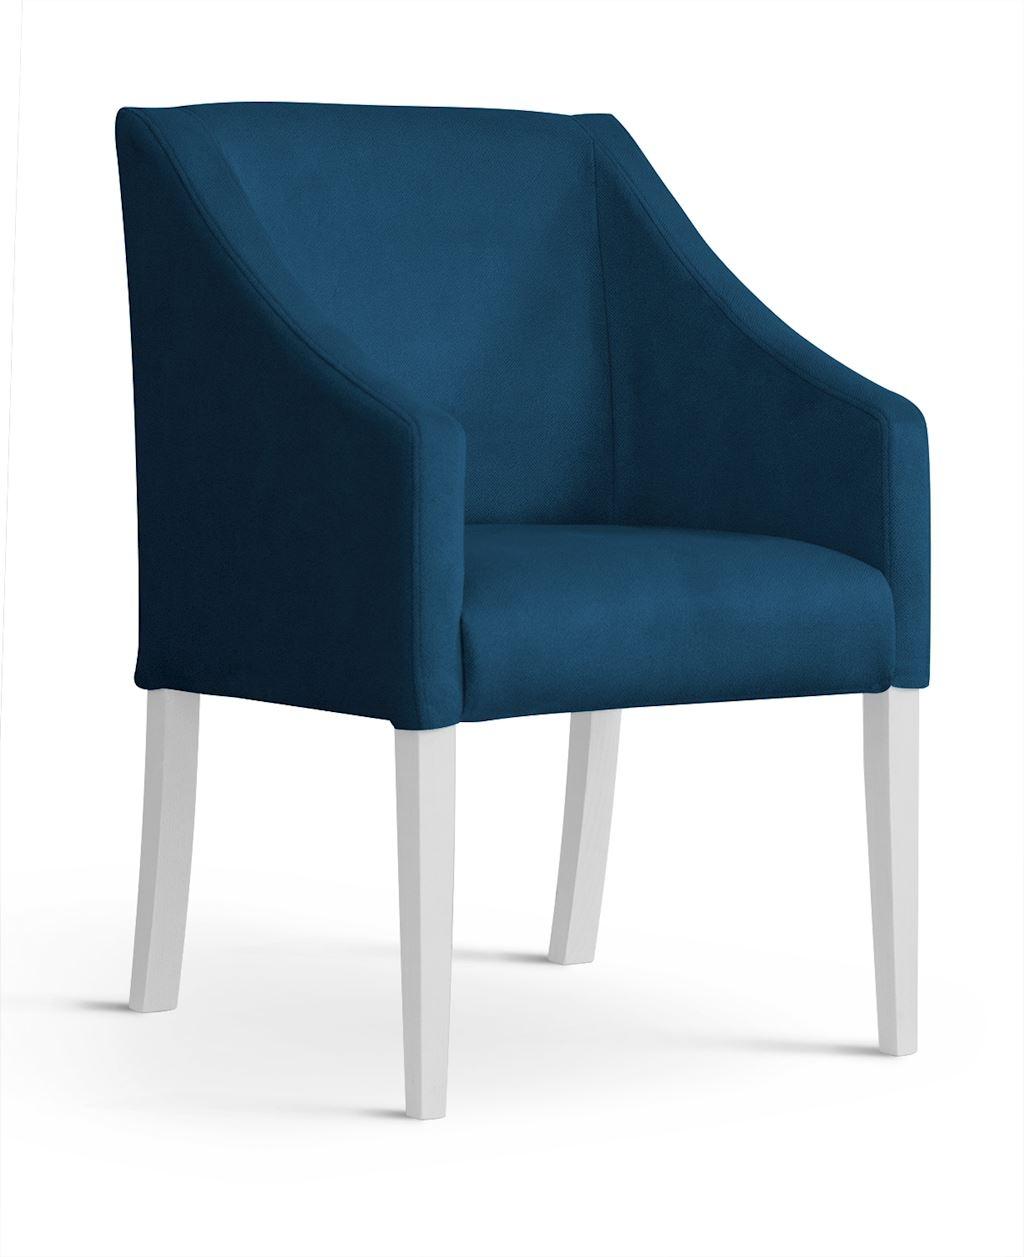 Fotoliu fix tapitat cu stofa cu picioare din lemn Capri Navy Blue / White l58xA60xH89 cm